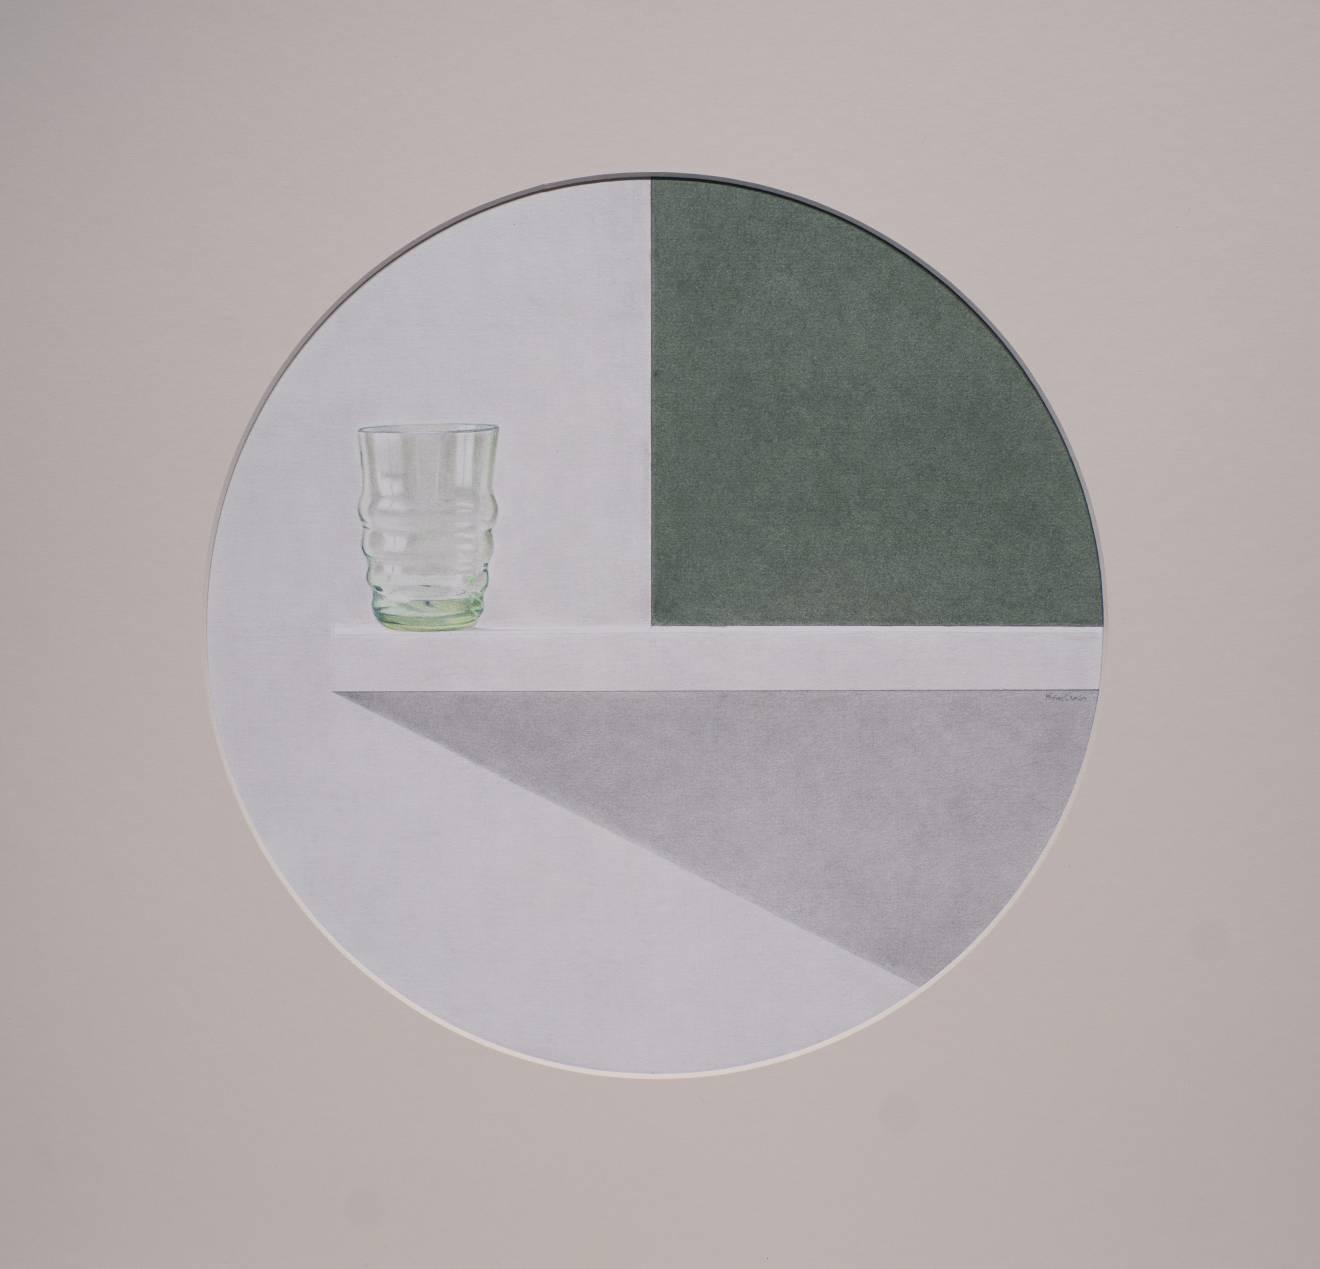 La repisa I. Pequeño vaso verde (2018) - Angel Luis Muñoz Durán